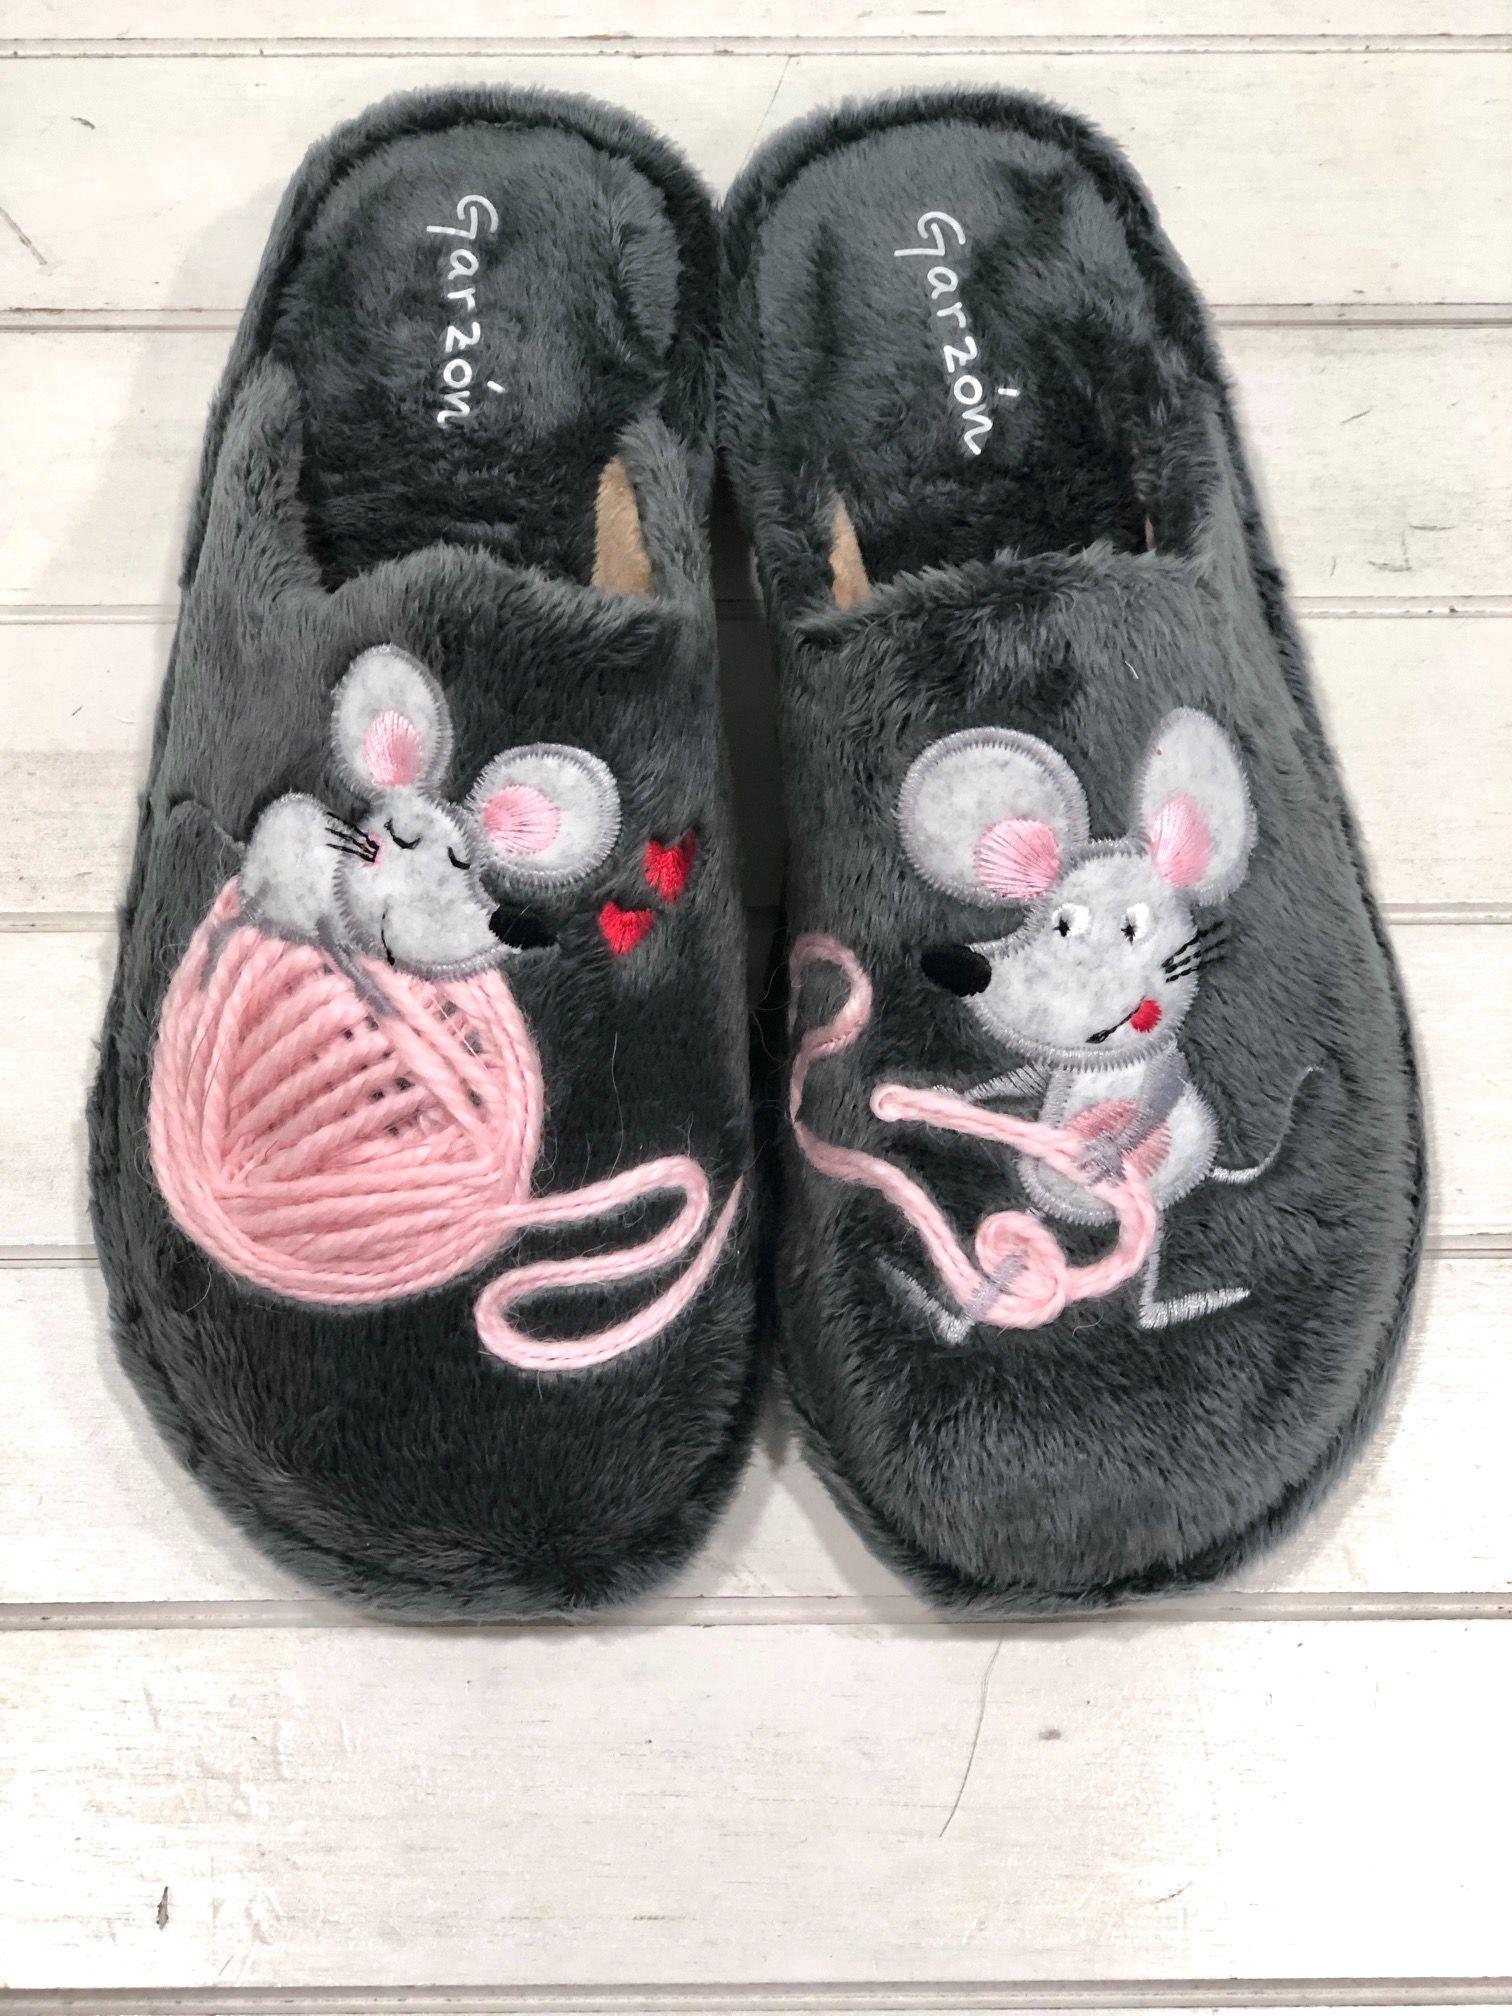 Zapatillas Mujer Garzón Ratones Ovillo Zapatos Online Calzado Mujer Zapatillas Mujer Zapatillas De Casa Zapatillas